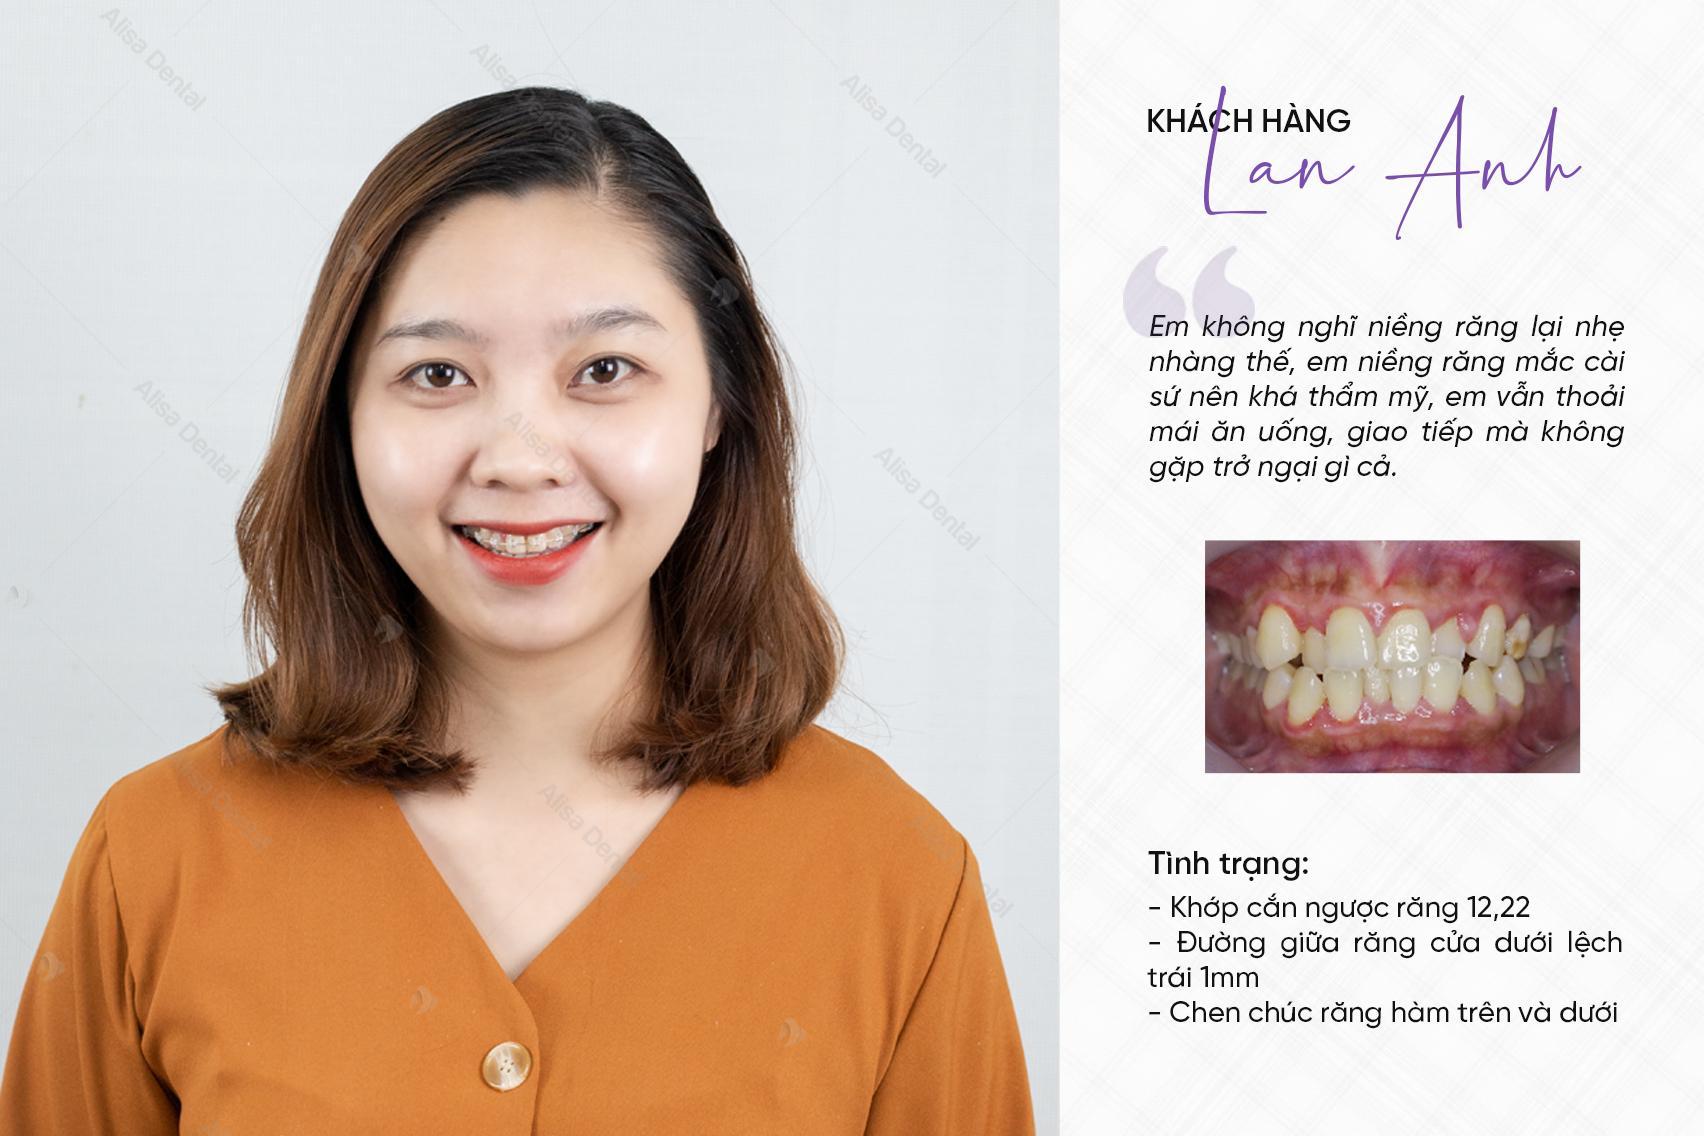 răng hô xấu 8